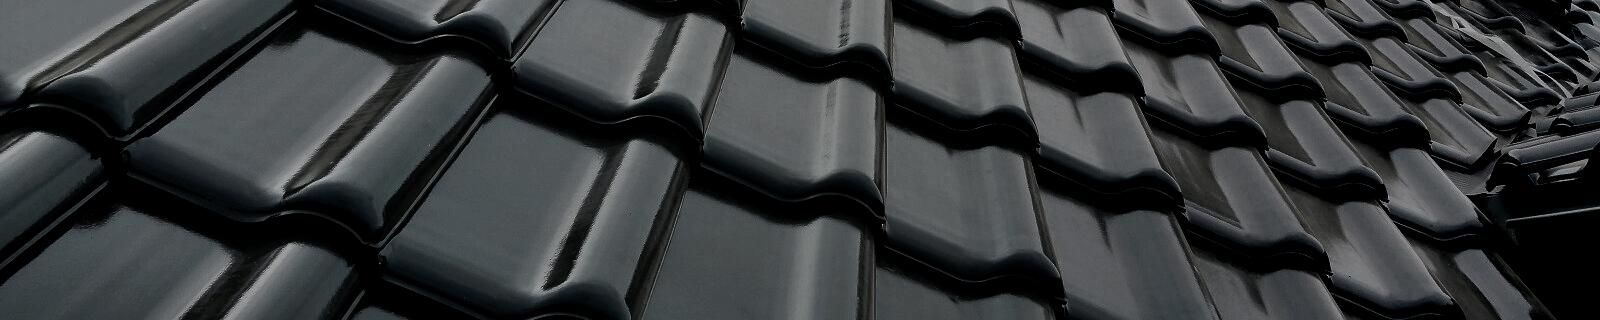 Dachówka ceramiczna TITANIA